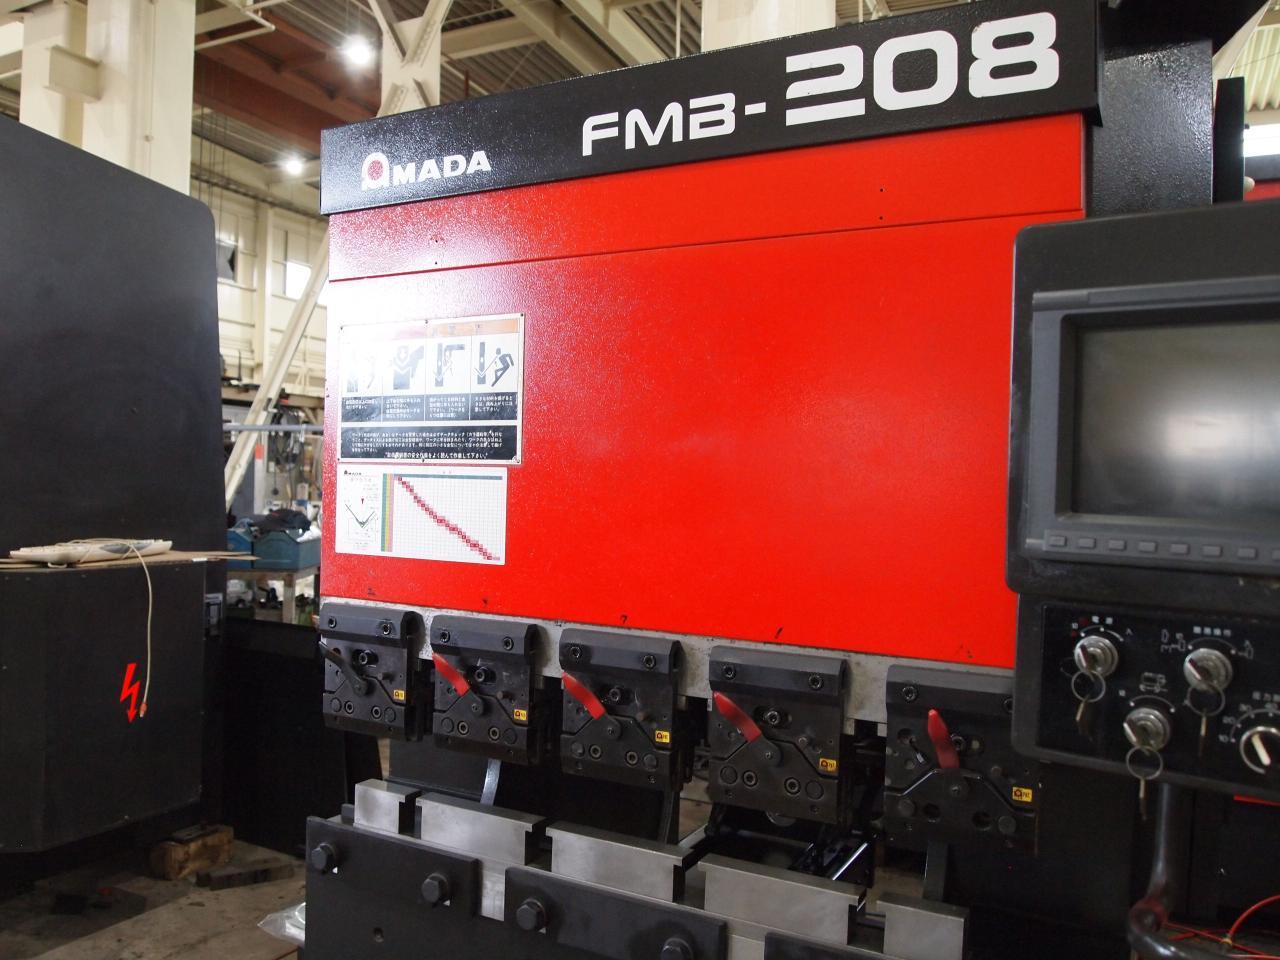 FMB-208本体正面右からのアップ